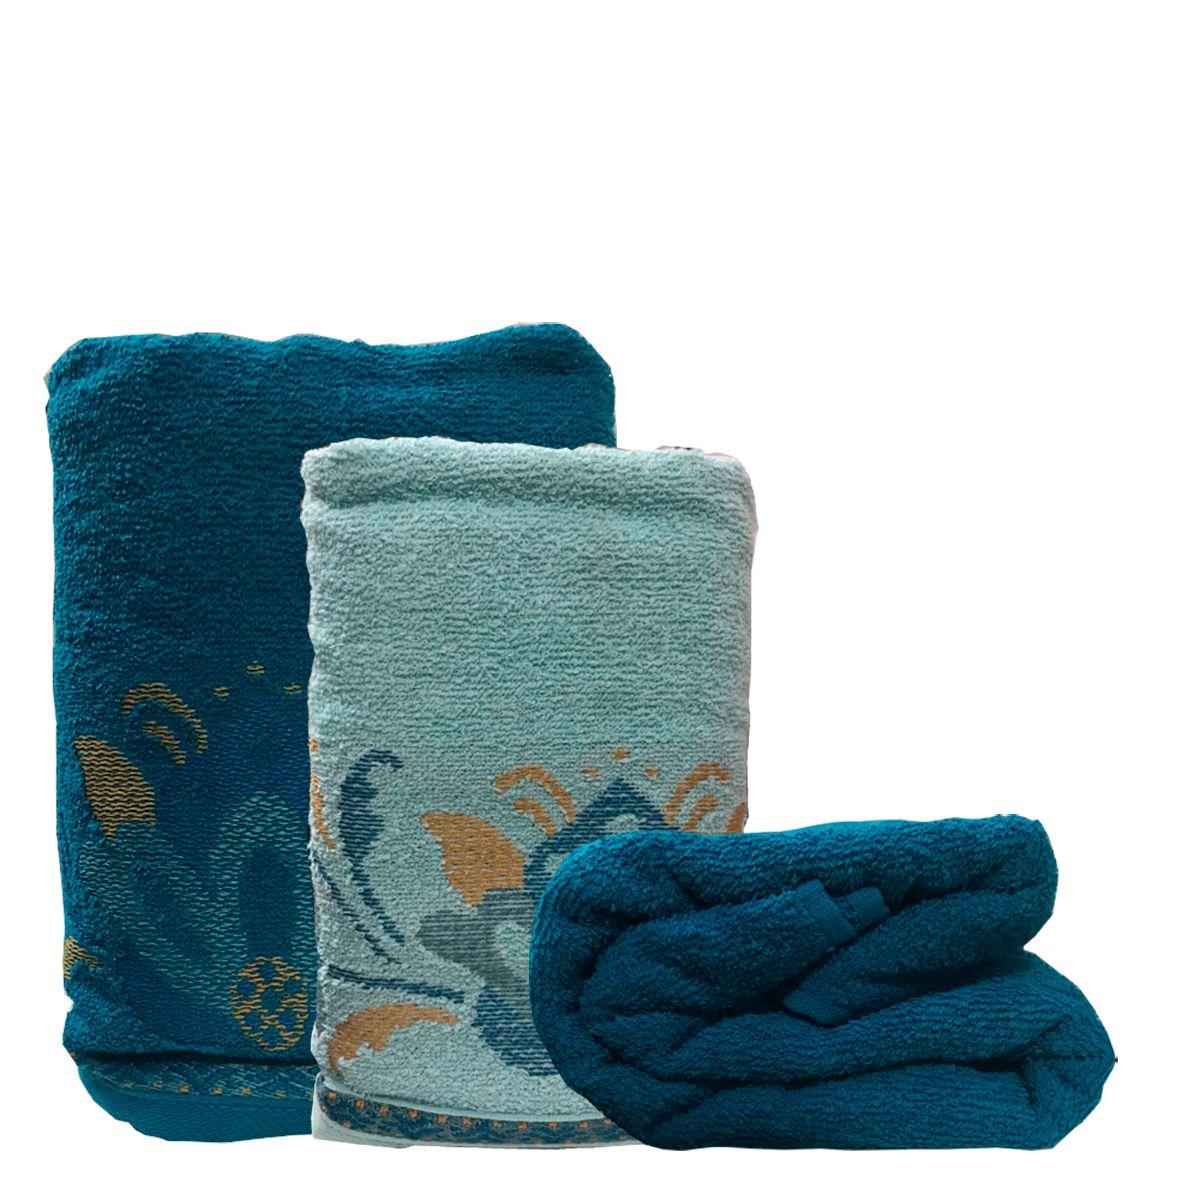 Jogo de Toalhas Lotus Azul Petroleo + Jade 4 pçs